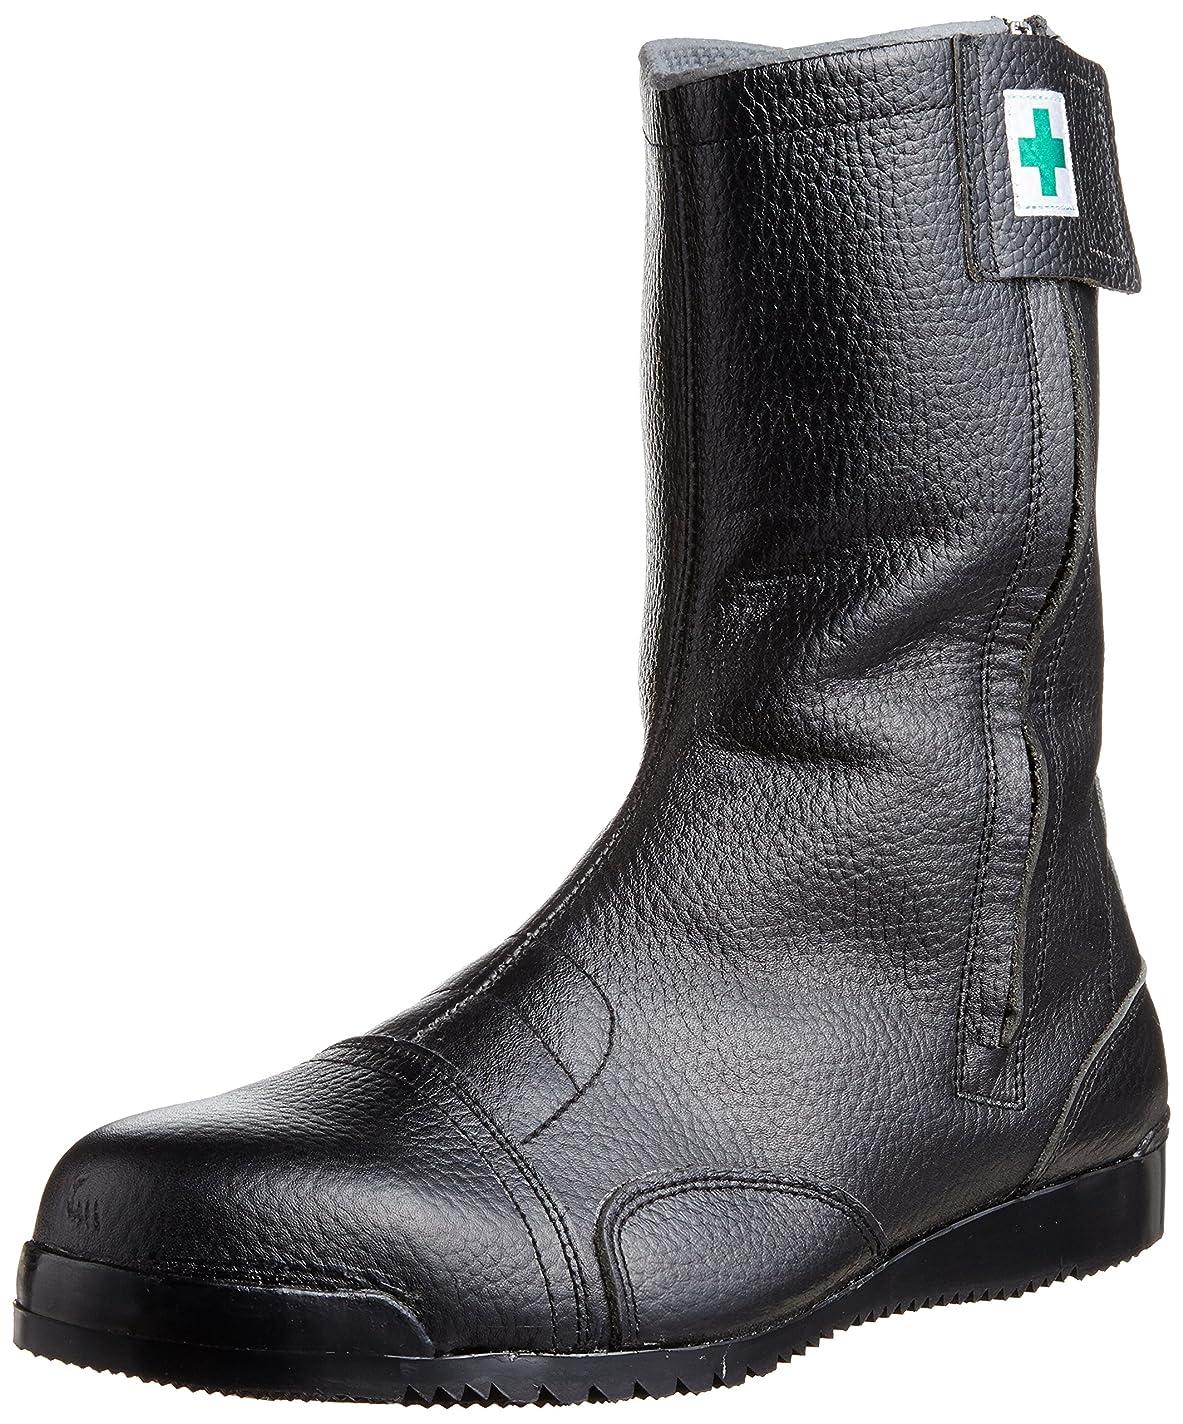 ピクニックリアル予言する[ノサックス] 安全靴 高所用JIS規格 みやじま鳶半長靴 メンズ